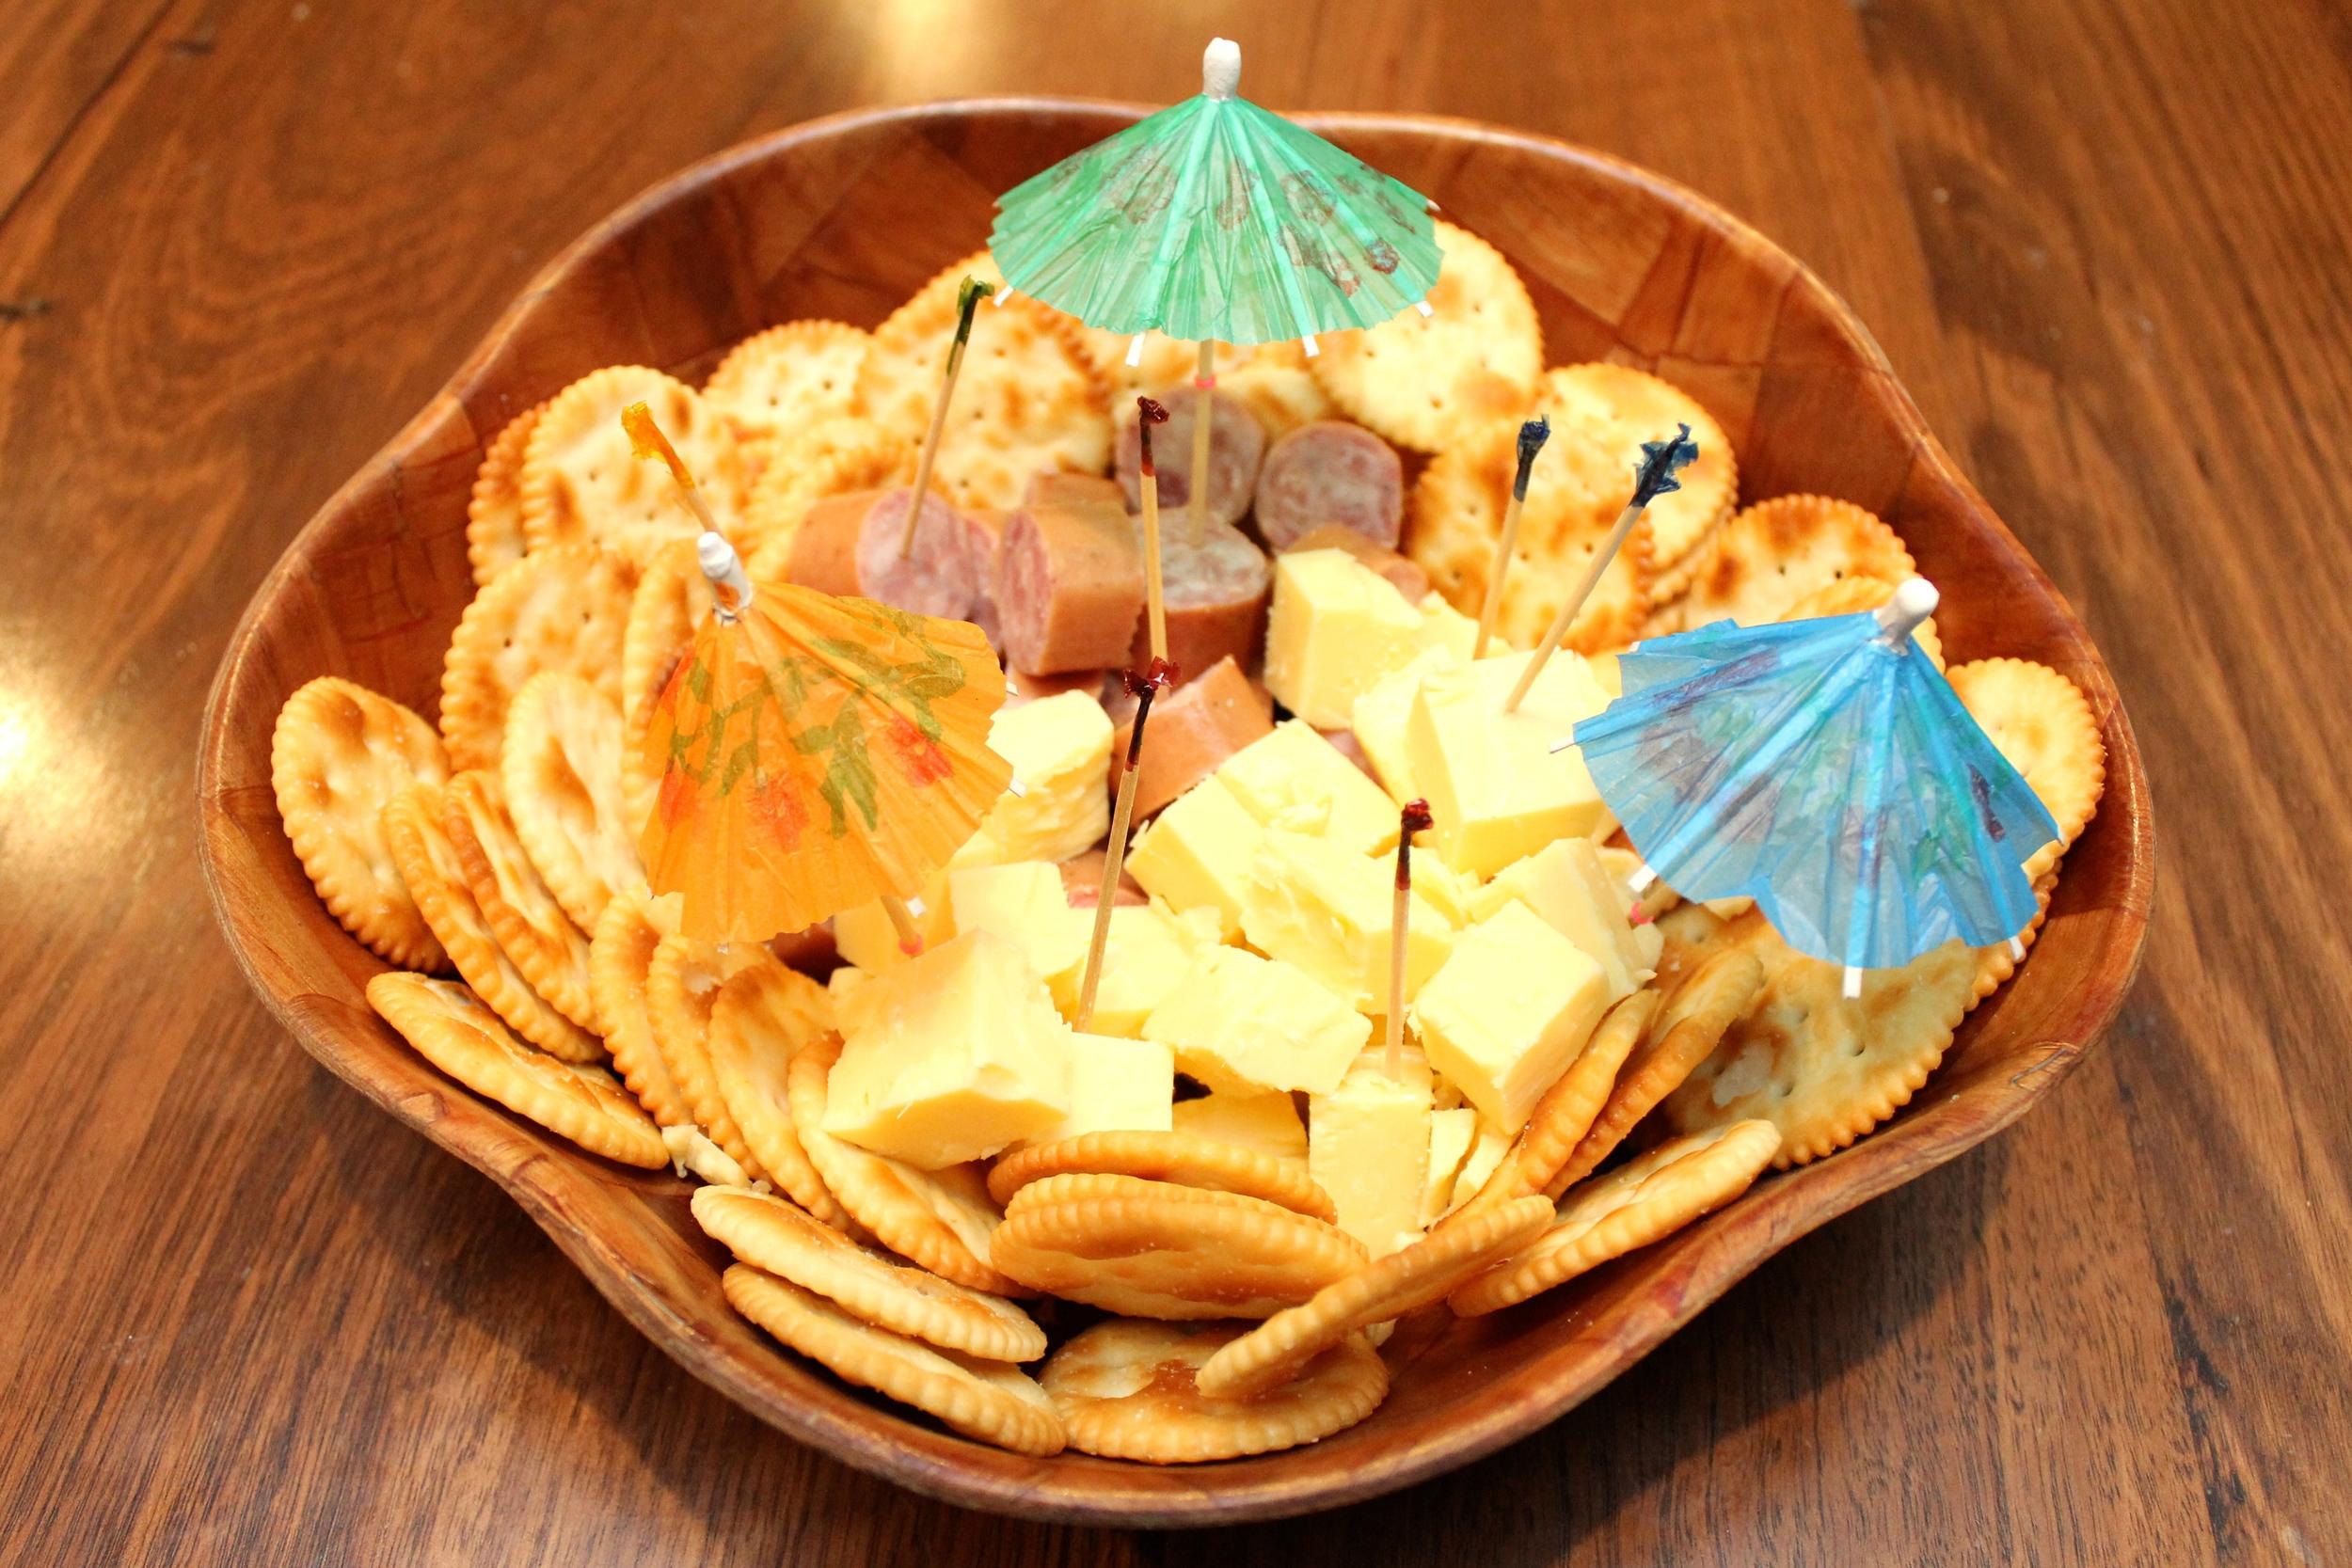 Kabana, Cheese and Savoy's - Bogan Bingo